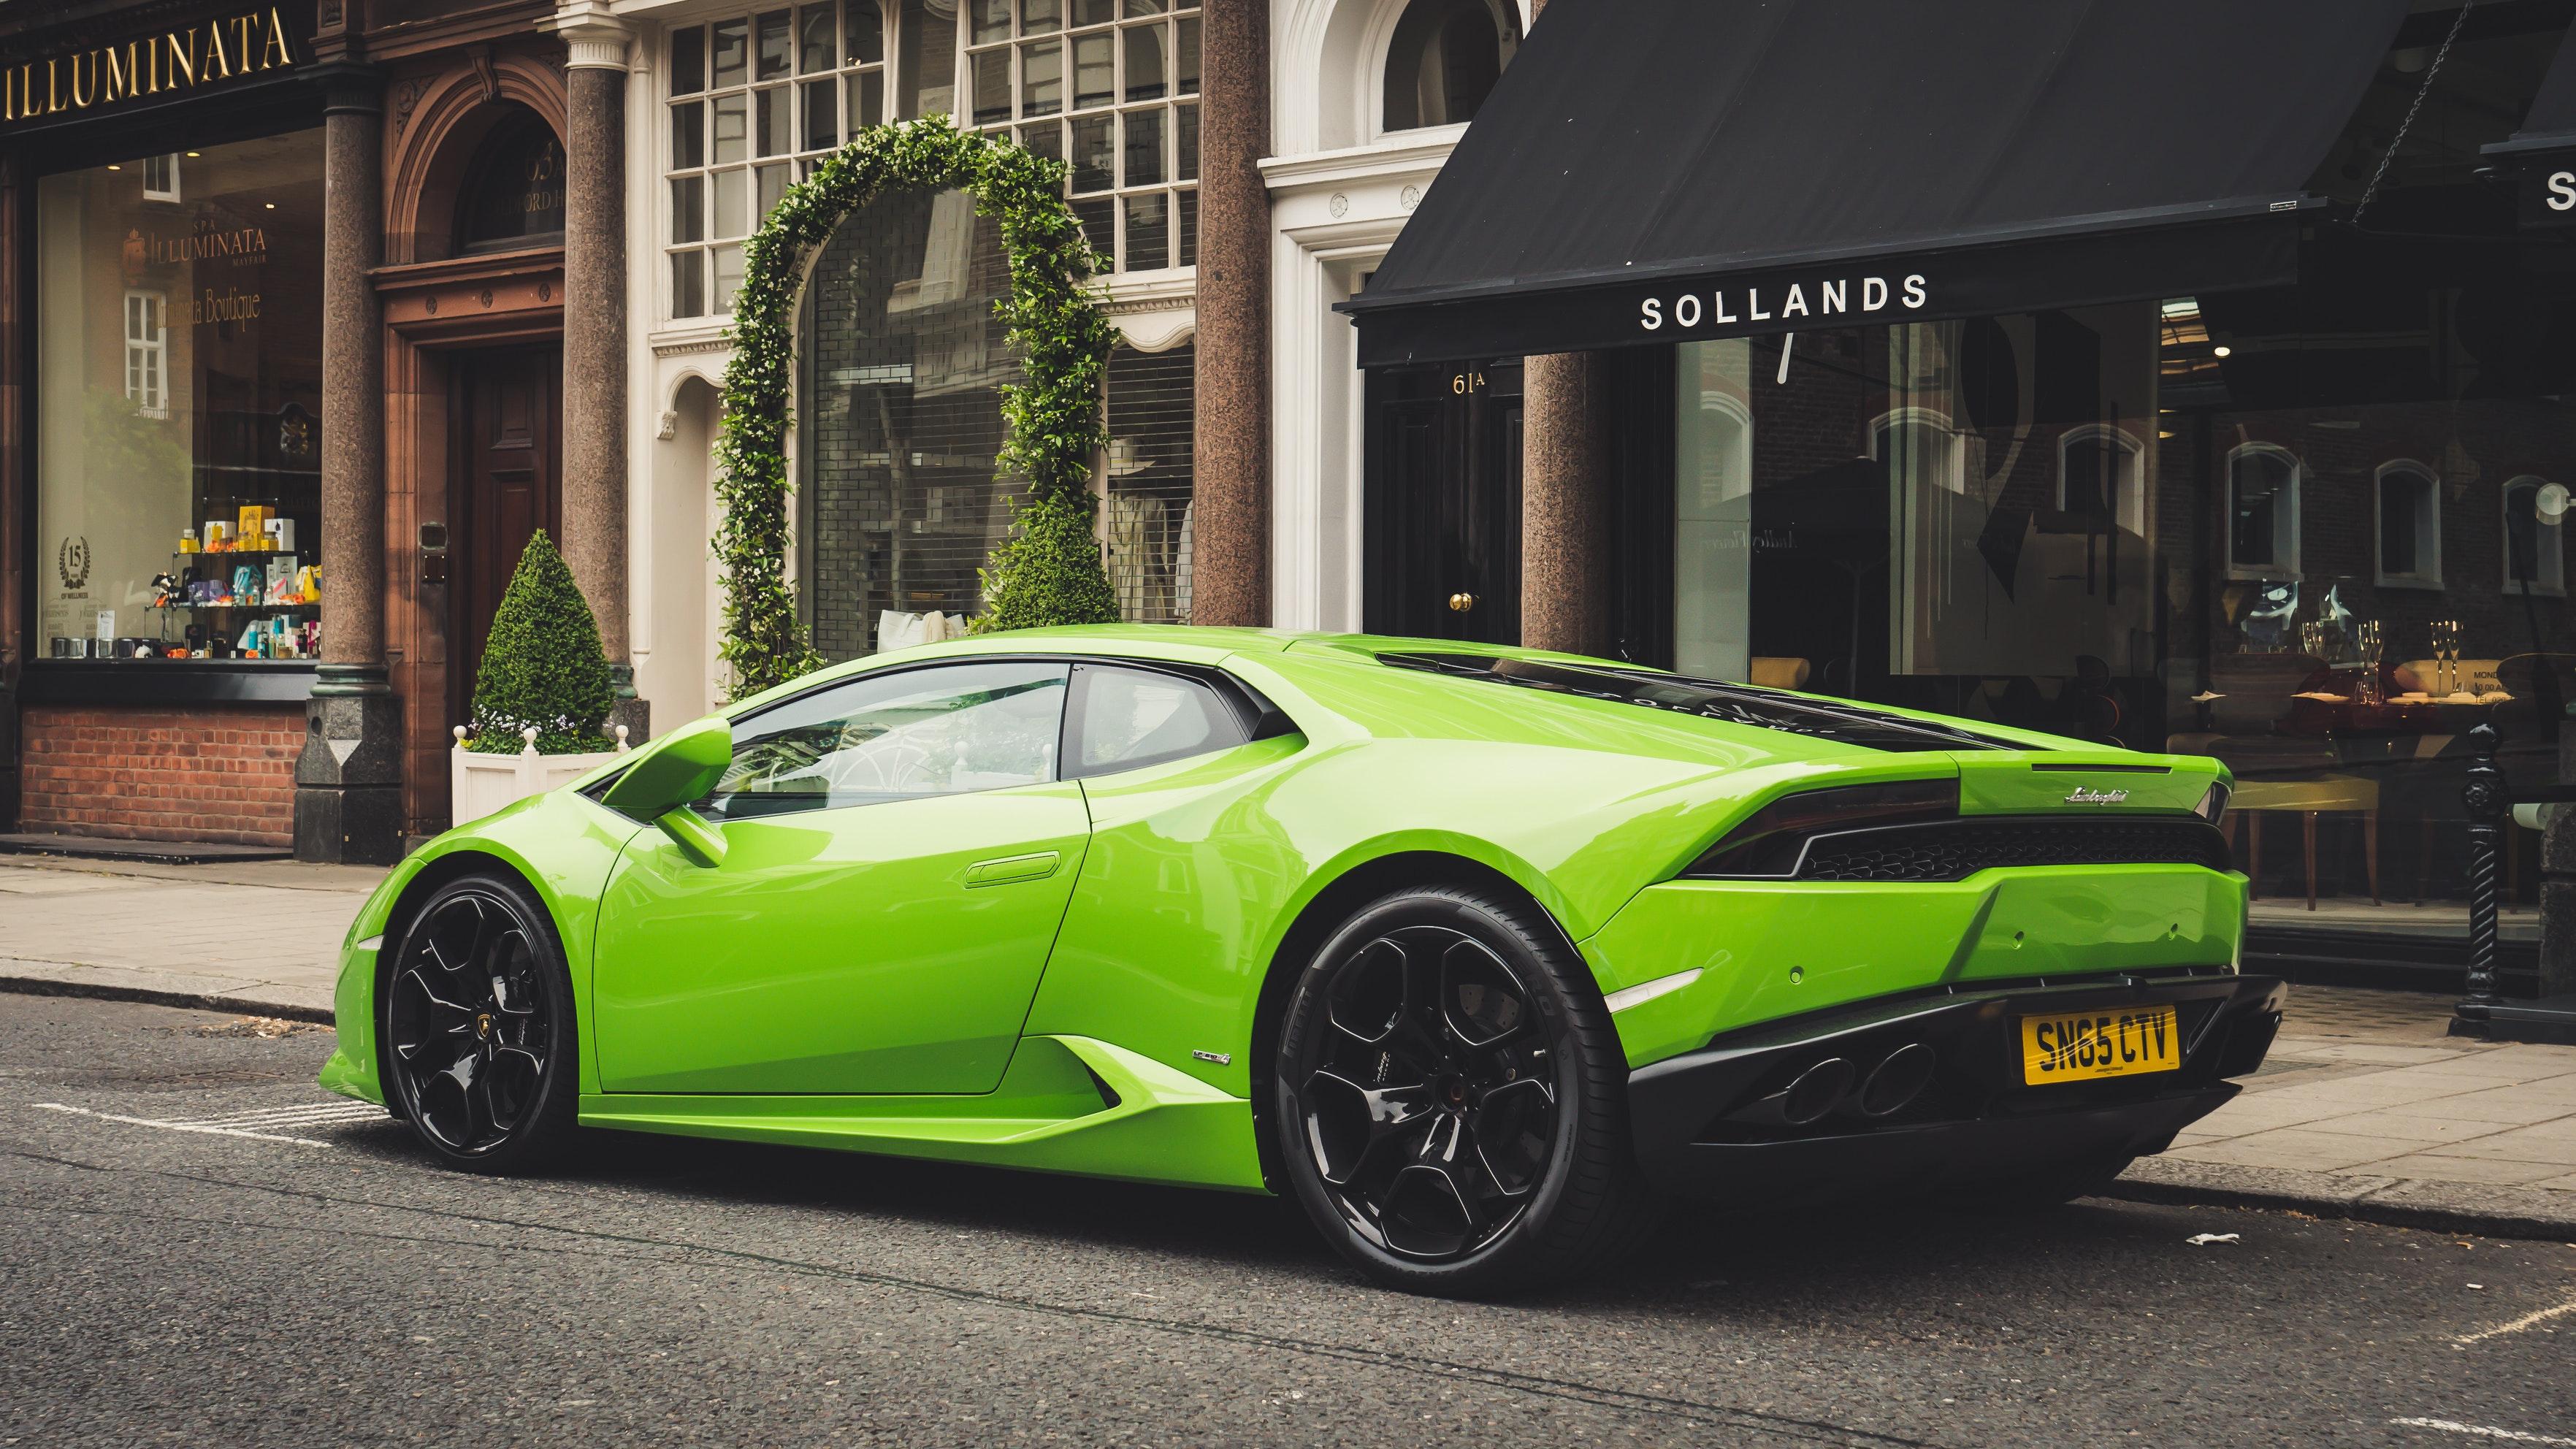 General 3527x1984 car Lamborghini Lamborghini Huracan